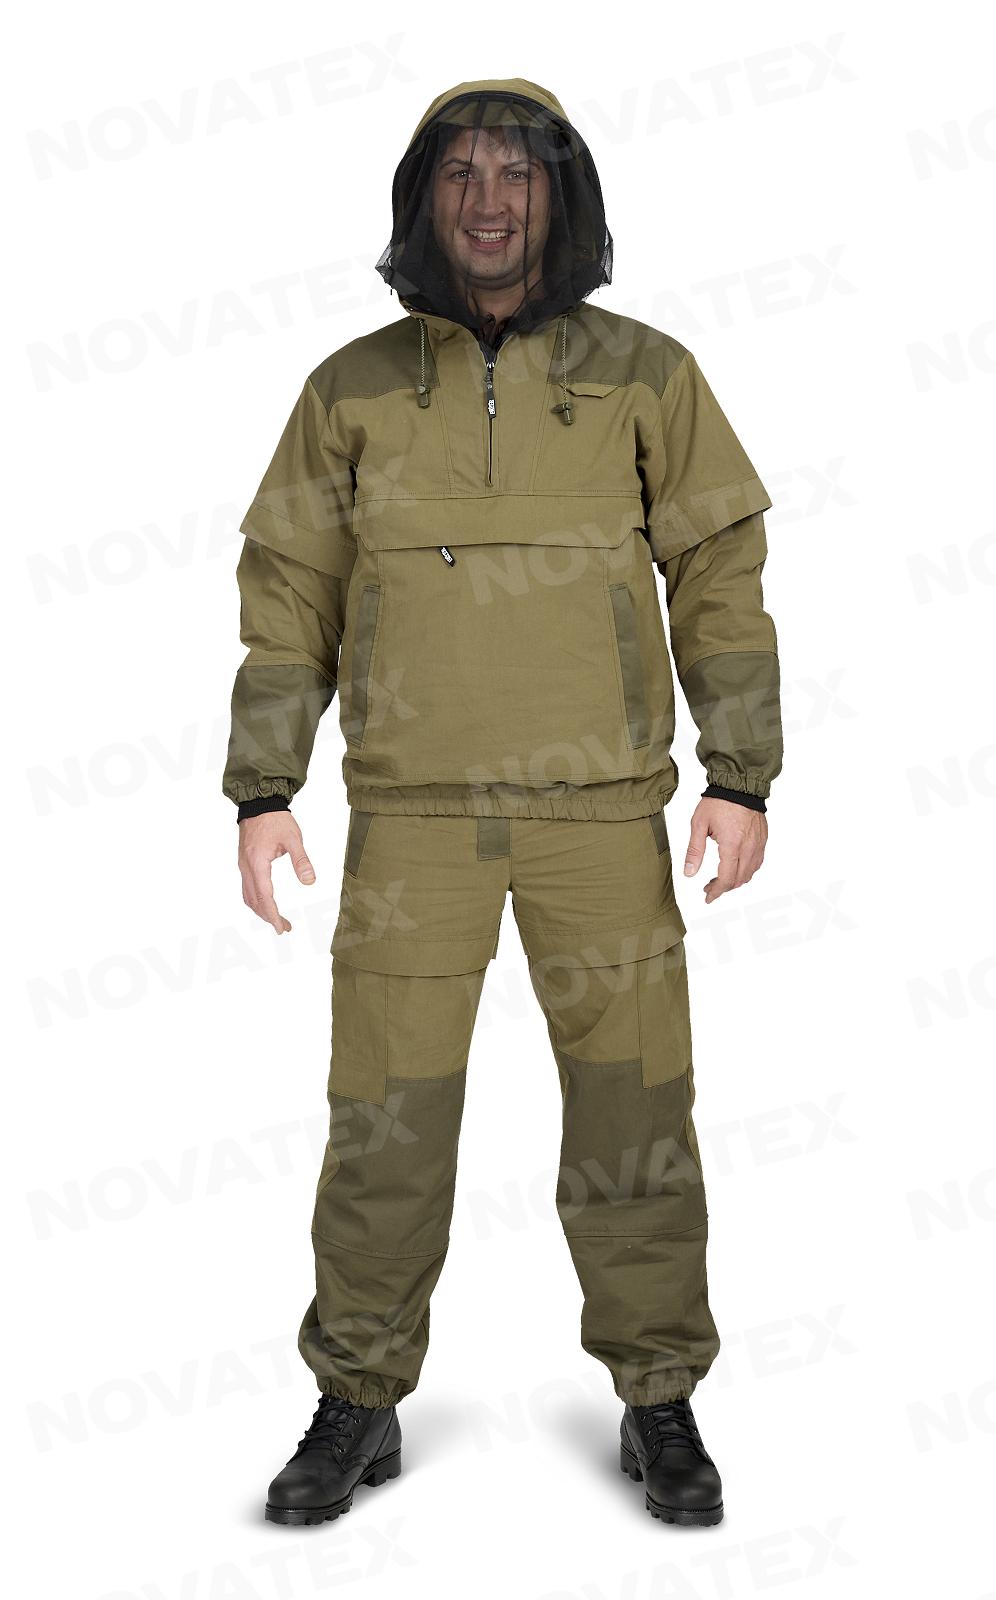 Костюм «Элит Барьер» (смесовая, хаки) PAYERКостюмы противоэнцефалитные<br>Ткань: смесовая ткань (70% хлопок, 30% нейлон) <br>Костюм «Элит-Барьер»(ТМ «Payer») от Novatex <br>разработан на основе классического противоэнцефалитного <br>костюма.Этот костюм состоит из куртки <br>типа «анорак» с капюшоном и брюк прямого <br>кроя. Костюм оснащен специальными ловушками <br>для клещей. В отличие от других костюмов, <br>обладает множеством защитных кулис и ловушек <br>с вставками под пропитку акарицидными средствами. <br>Сама ткань, из которой производится костюм, <br>пропитана акарицидным средством и не теряет <br>защитных свойств как минимум 10 стирок. Сетка <br>накомарника съемная и легко убирается в <br>потайной карман. Плотная однотонная ткань(70% <br>хлопок, 30% нейлон) создает надежную защиту, <br>позволяет телу «дышать» и повышает шансы <br>своевременного обнаружения насекомых. <br>Рукава оснащены плотными трикотажными <br>манжетами. Область коленей усилена дополнительным <br>слоем ткани. Этот костюм отлично подойдет <br>для всех, кто много бывает в лесу.<br><br>Пол: мужской<br>Размер: 44-46<br>Рост: 170-176<br>Сезон: лето<br>Цвет: оливковый